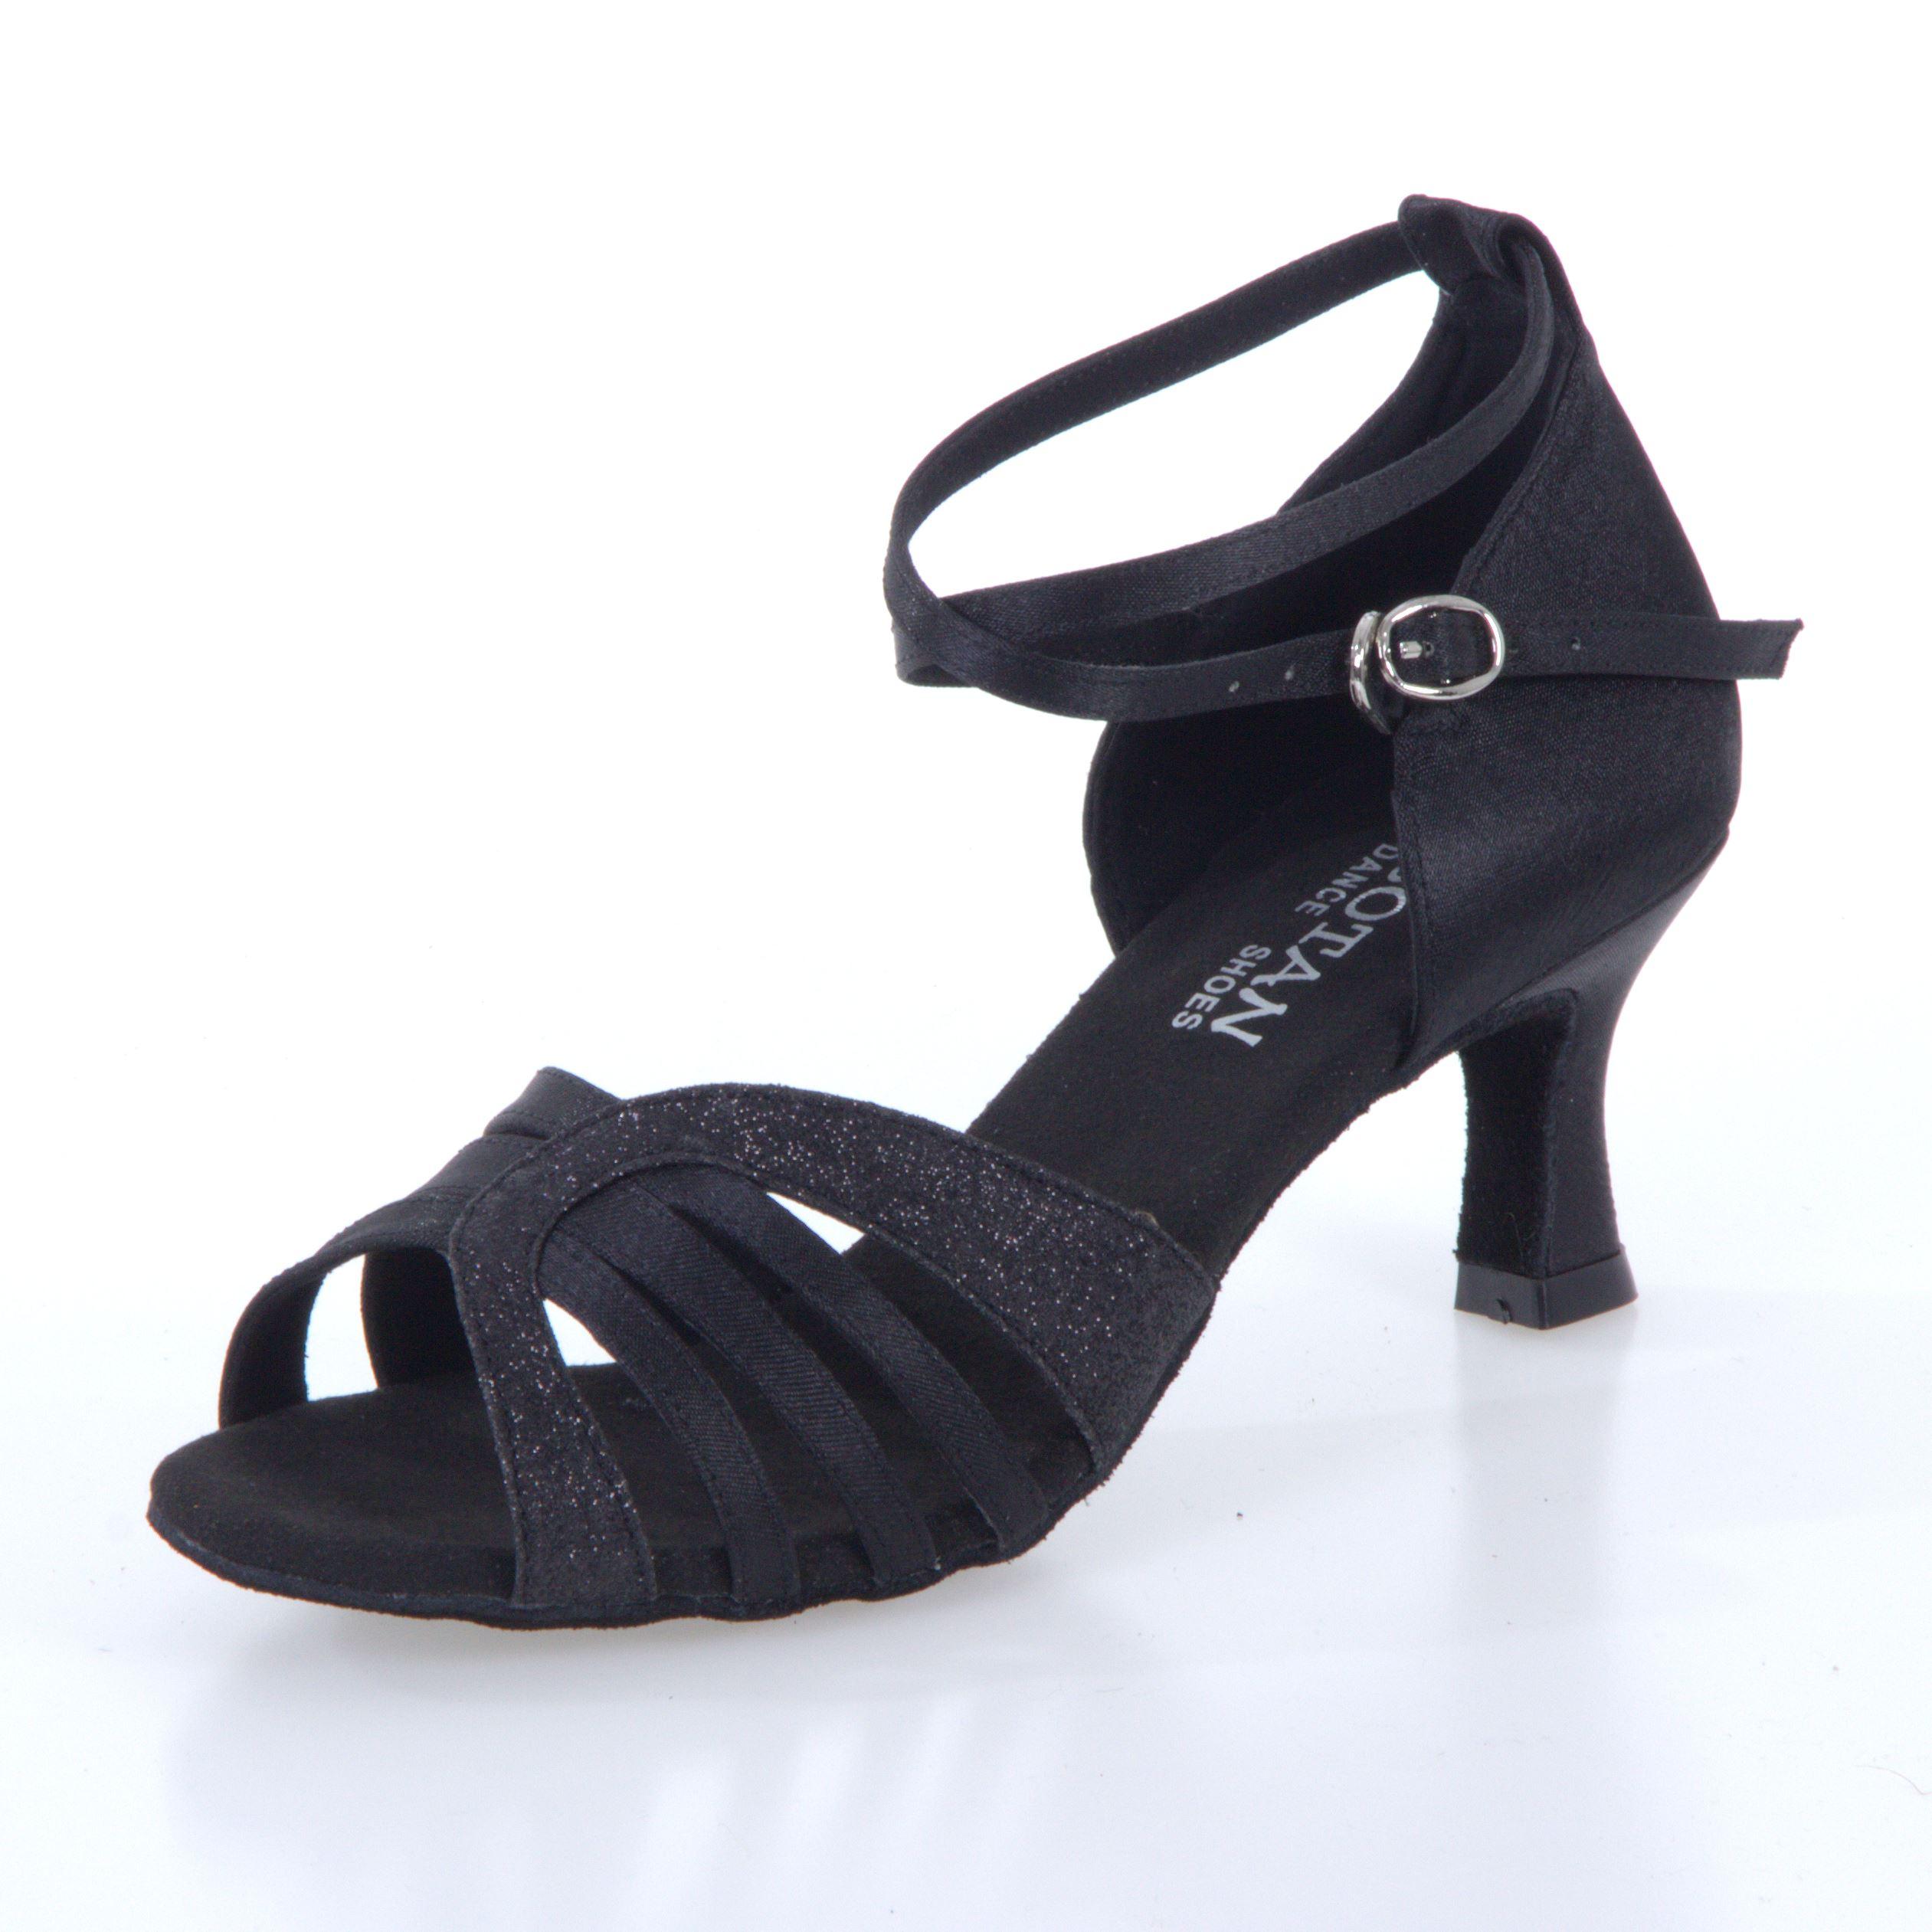 Dámske tanečné topánky Botan BL-14S čierne empty c7862b56988